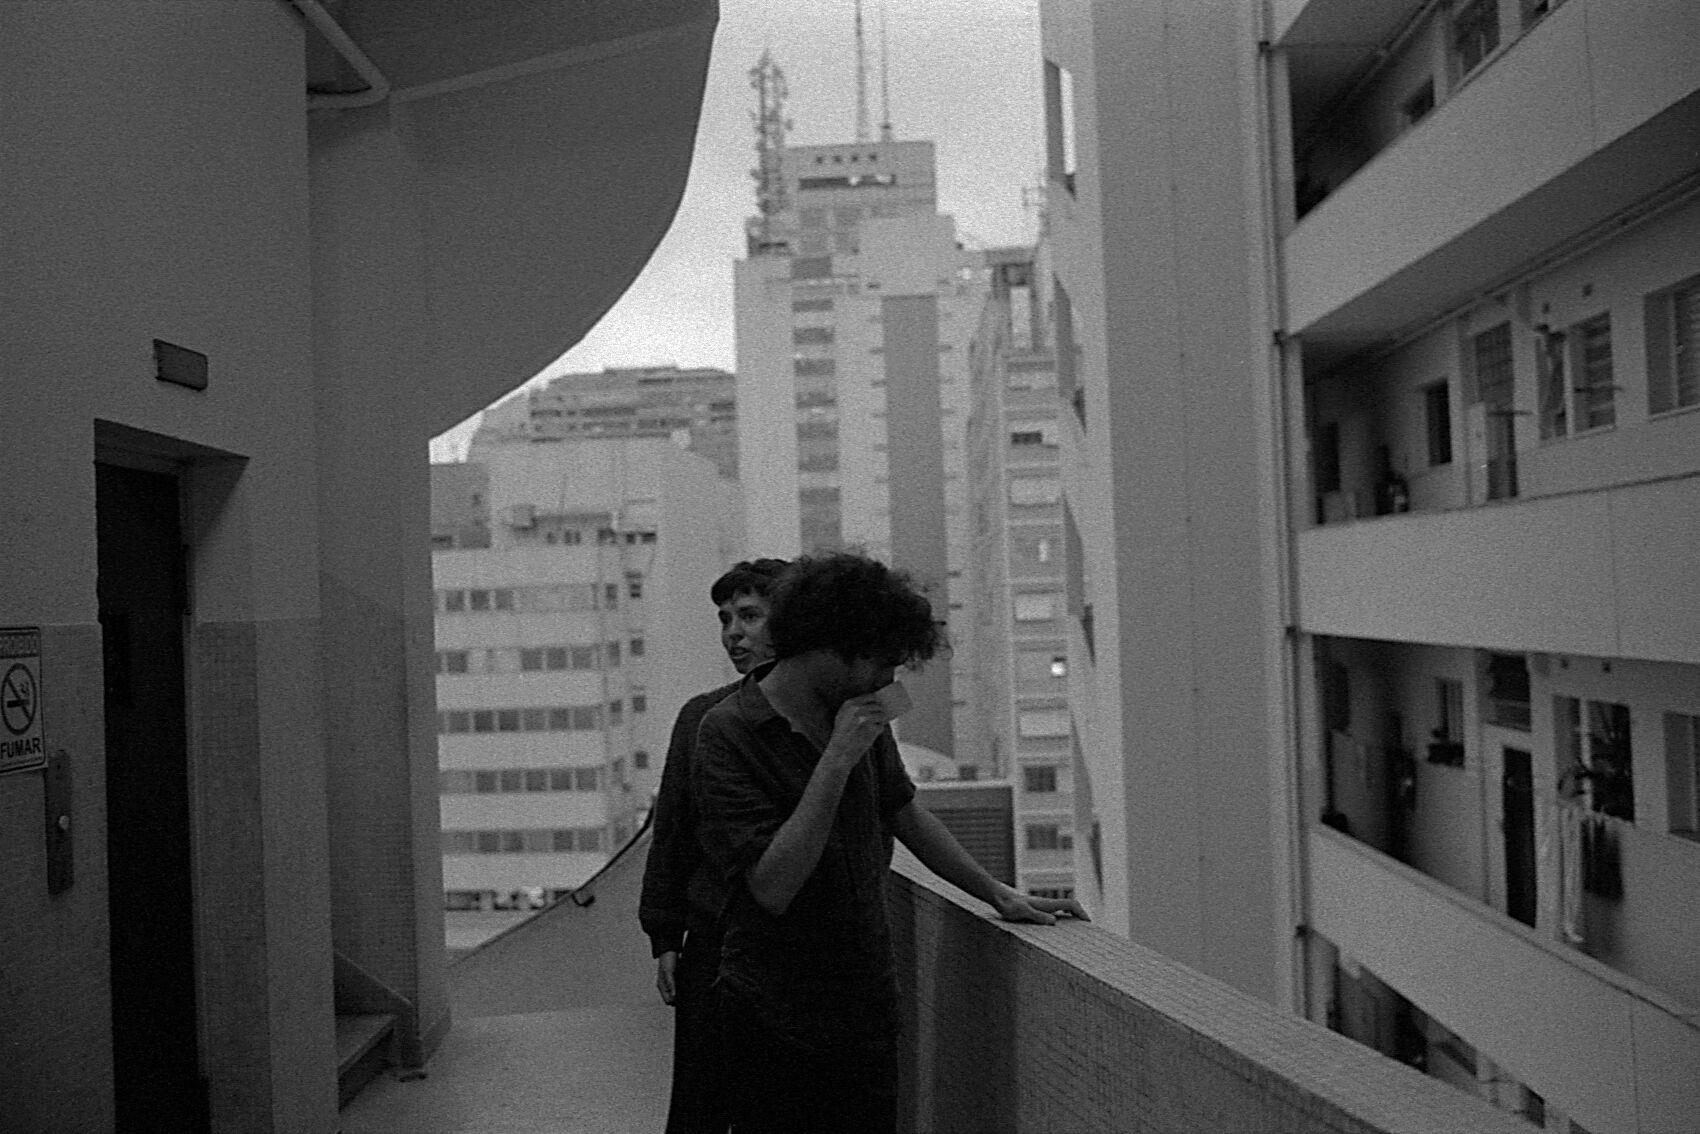 Paesaggi psicologici. Lo sguardo di Mauro Restiffe sull'architettura modernista. Una magica narrazione alle OGR